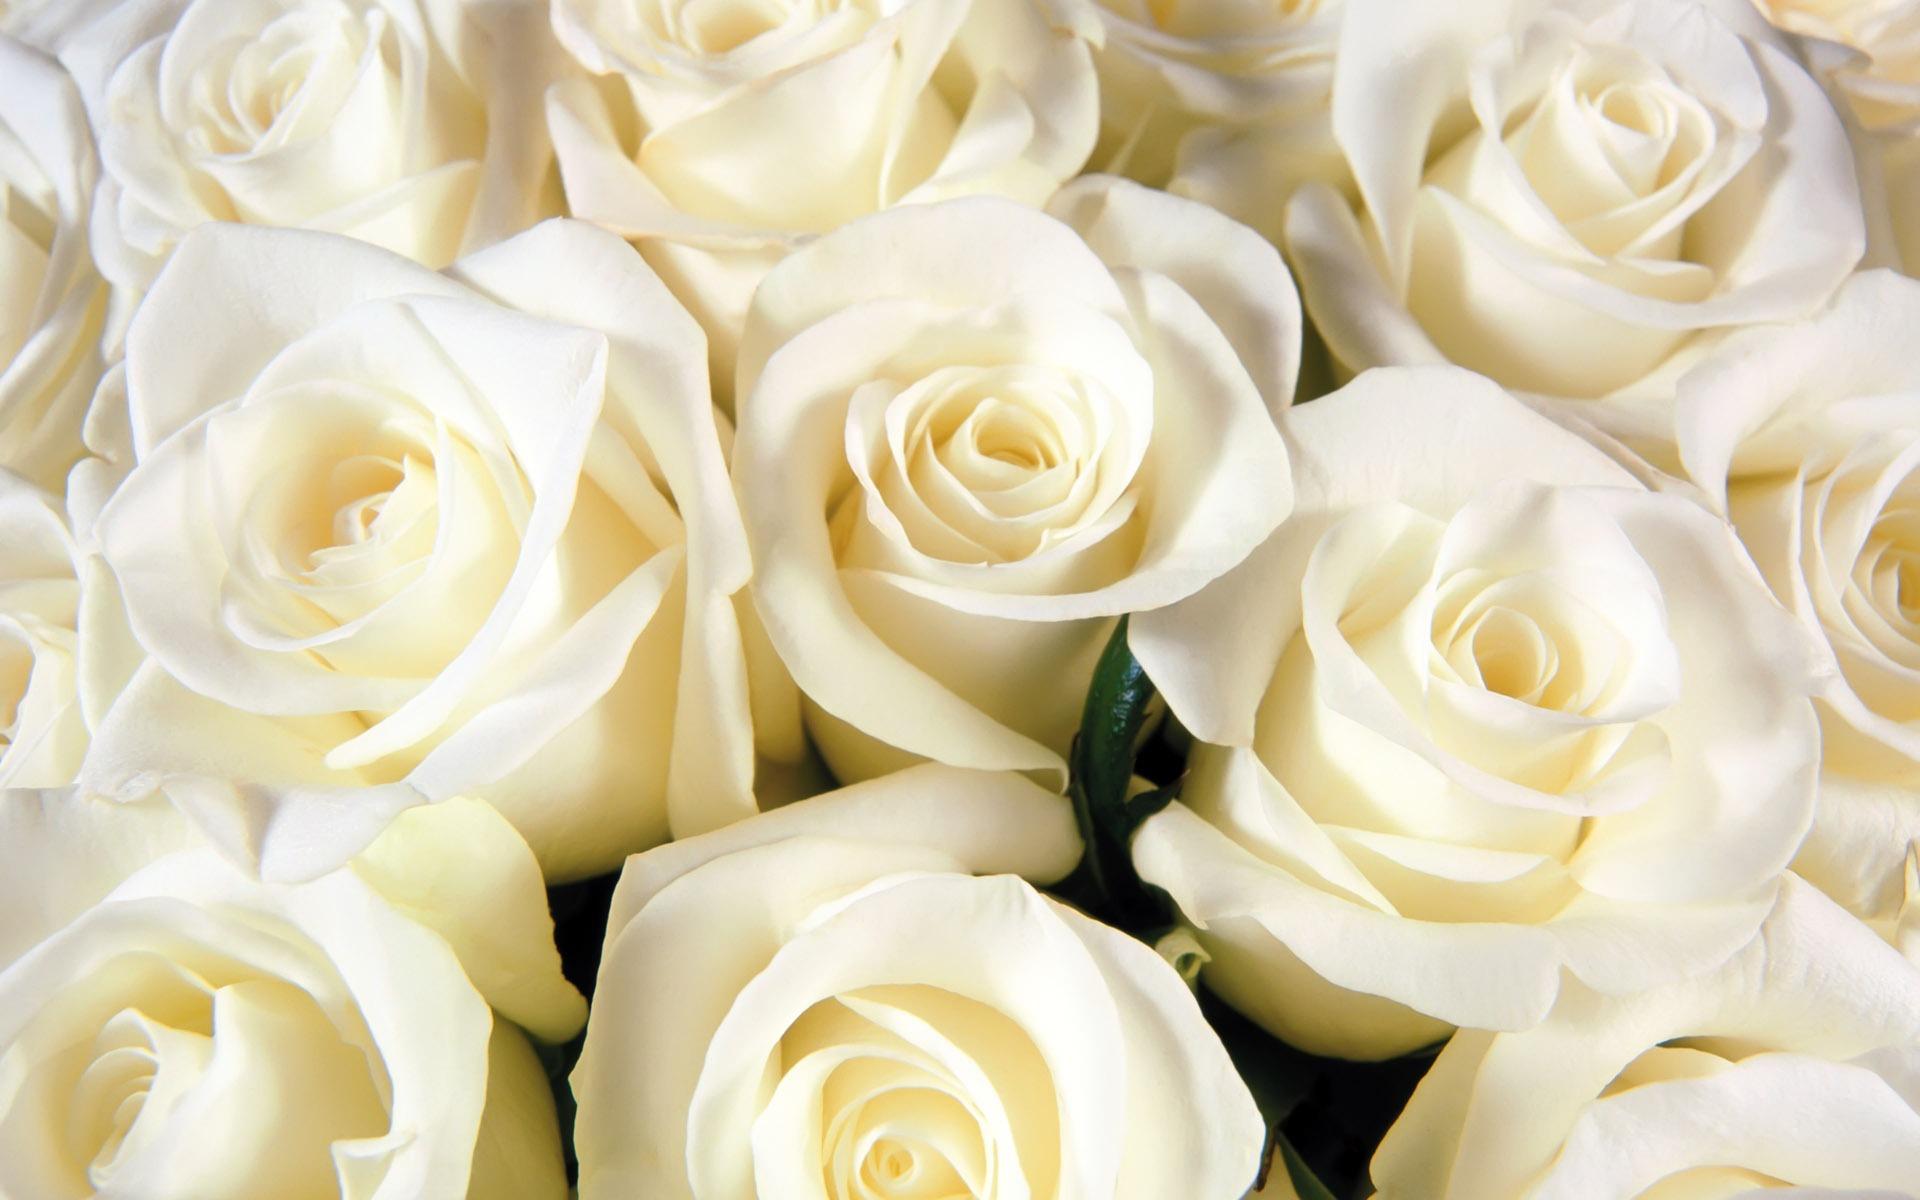 بالصور صور ورد طبيعي , ياجمال الورد وحلاوتة محدش شاف زية 1881 10